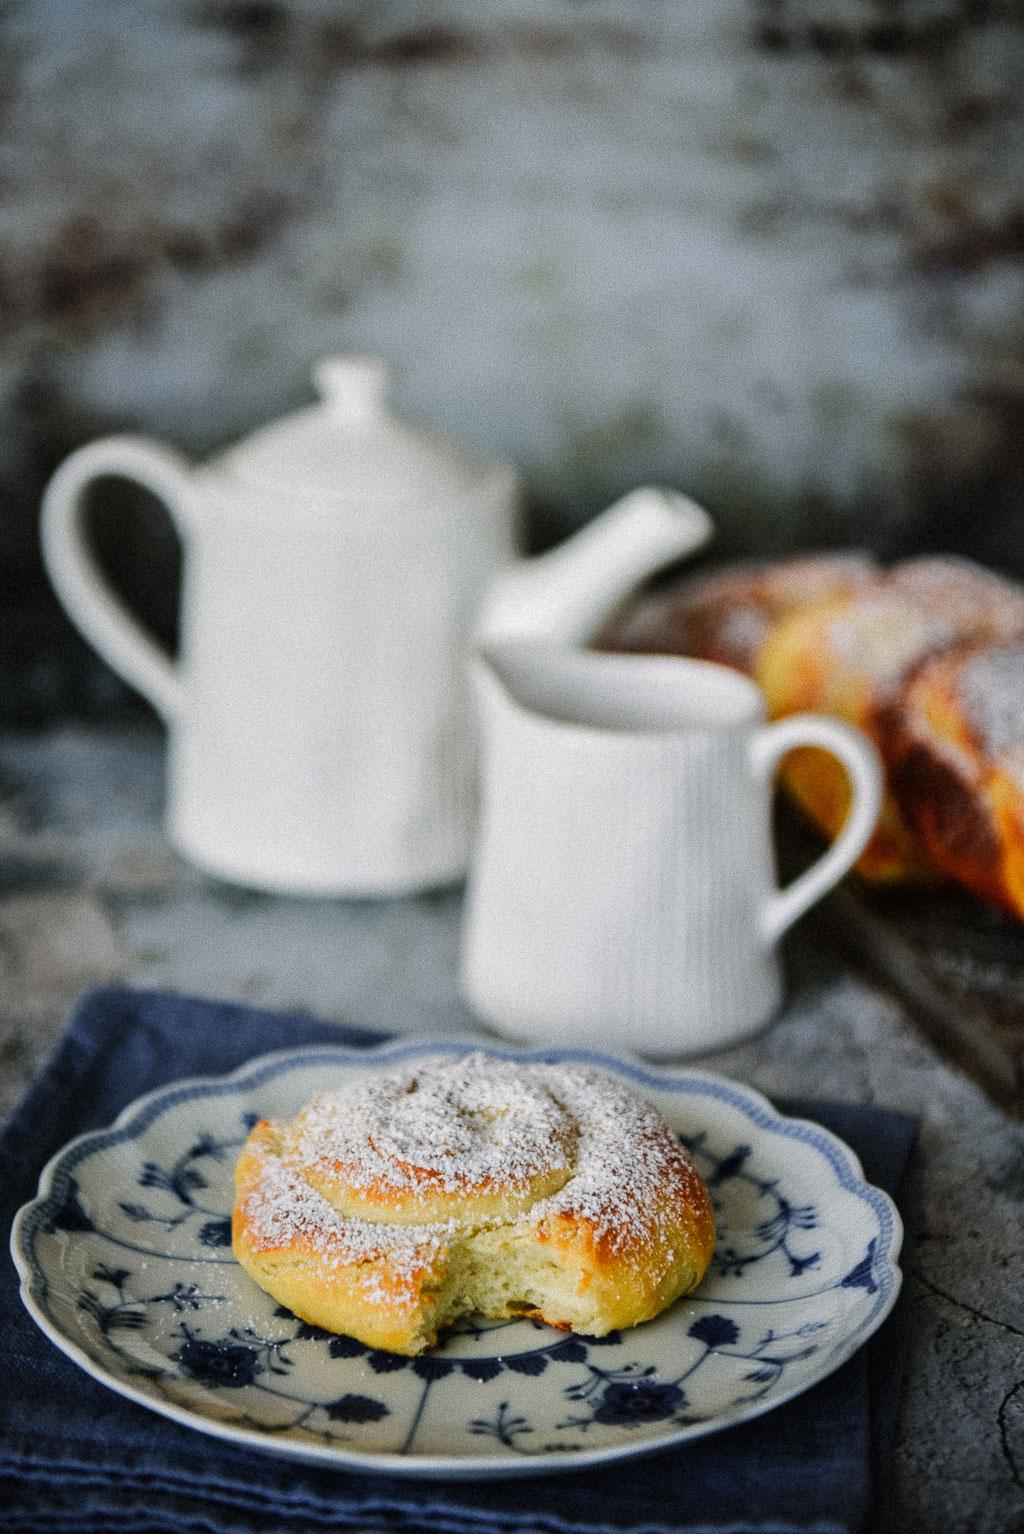 Dieses Ensaimada Rezept mit Hefe sorgt für herrlichen Duft in der Küche und wehmütige Kindheitserinnerungen. Ein Frühstück auf Mallorca ohne eine frische Ensaimada? Undenkbar! Die fluffigen Hefeschnecken gehören zur Insel wie das Croissant nach Frankreich.